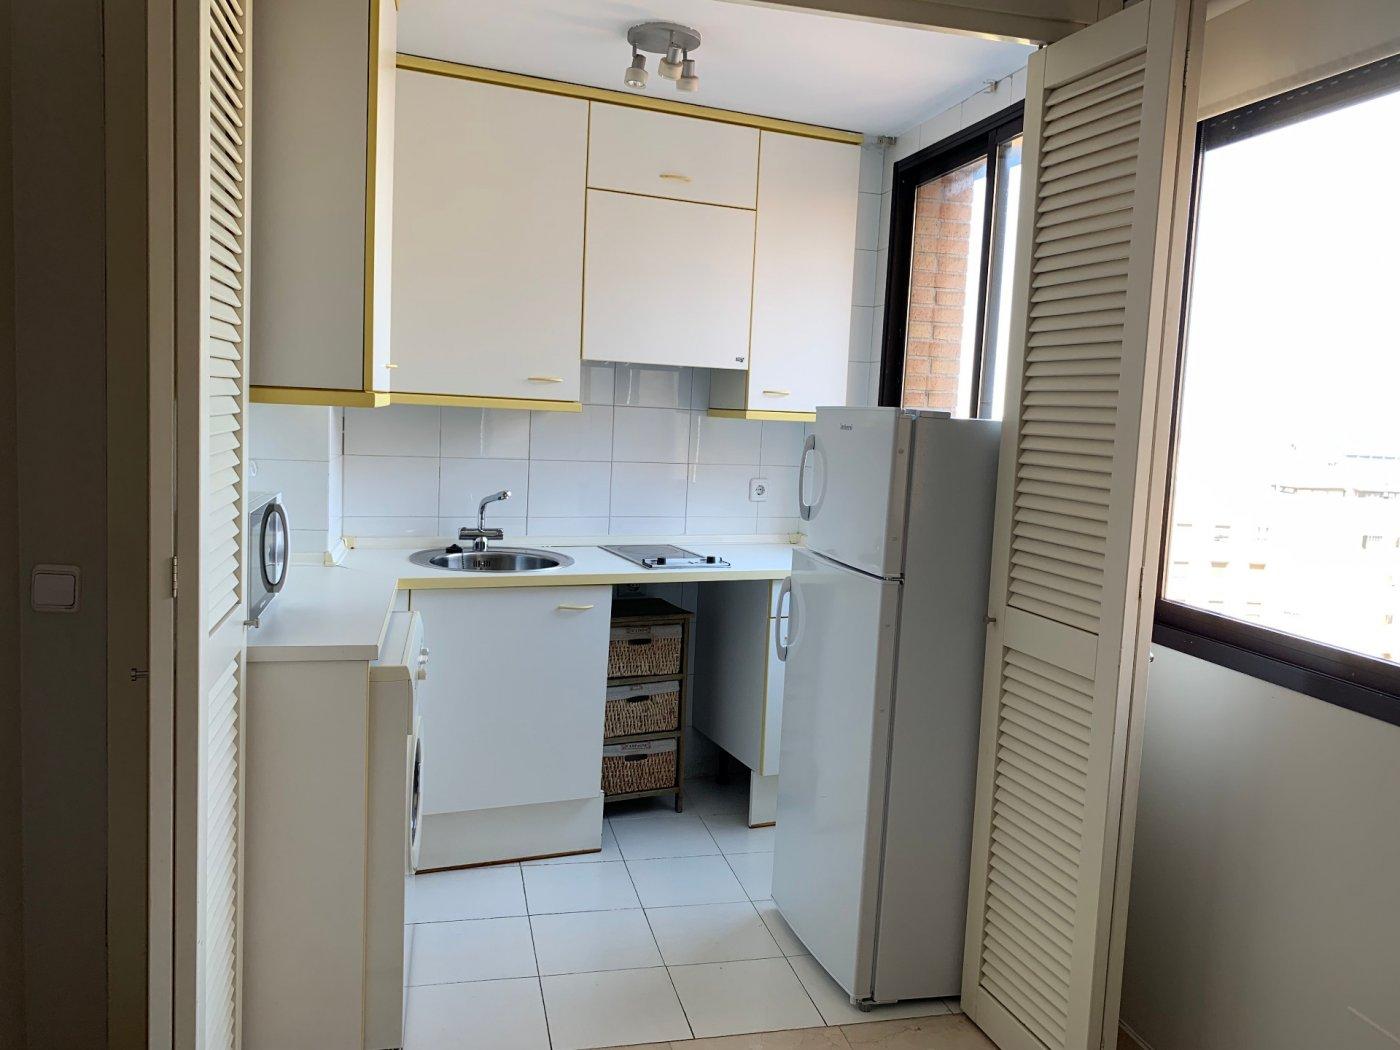 Venta o alquiler de piso en madrid - imagenInmueble21